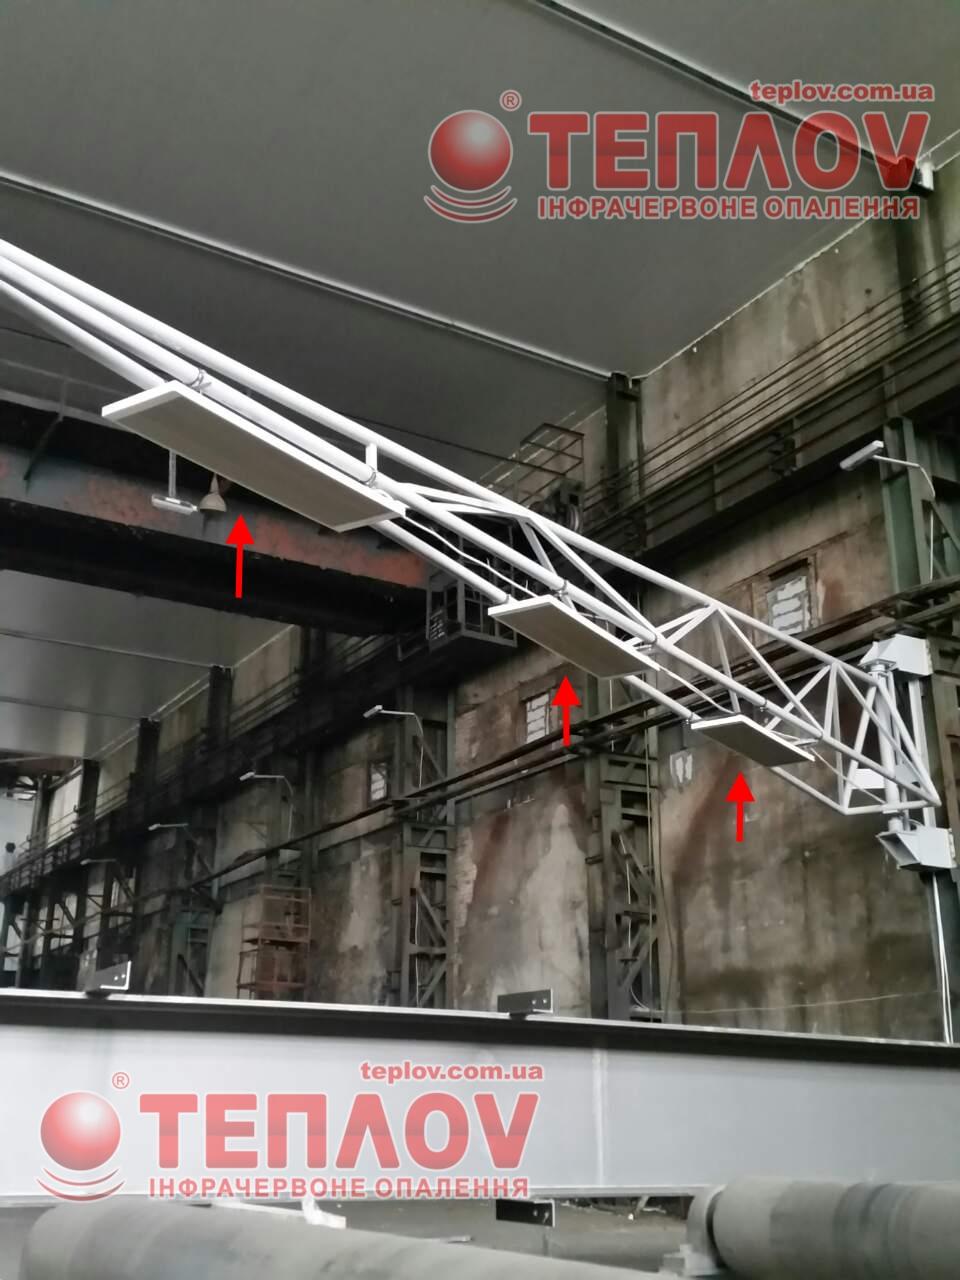 В цеху ЖБЗ применили потолочные обогреватели